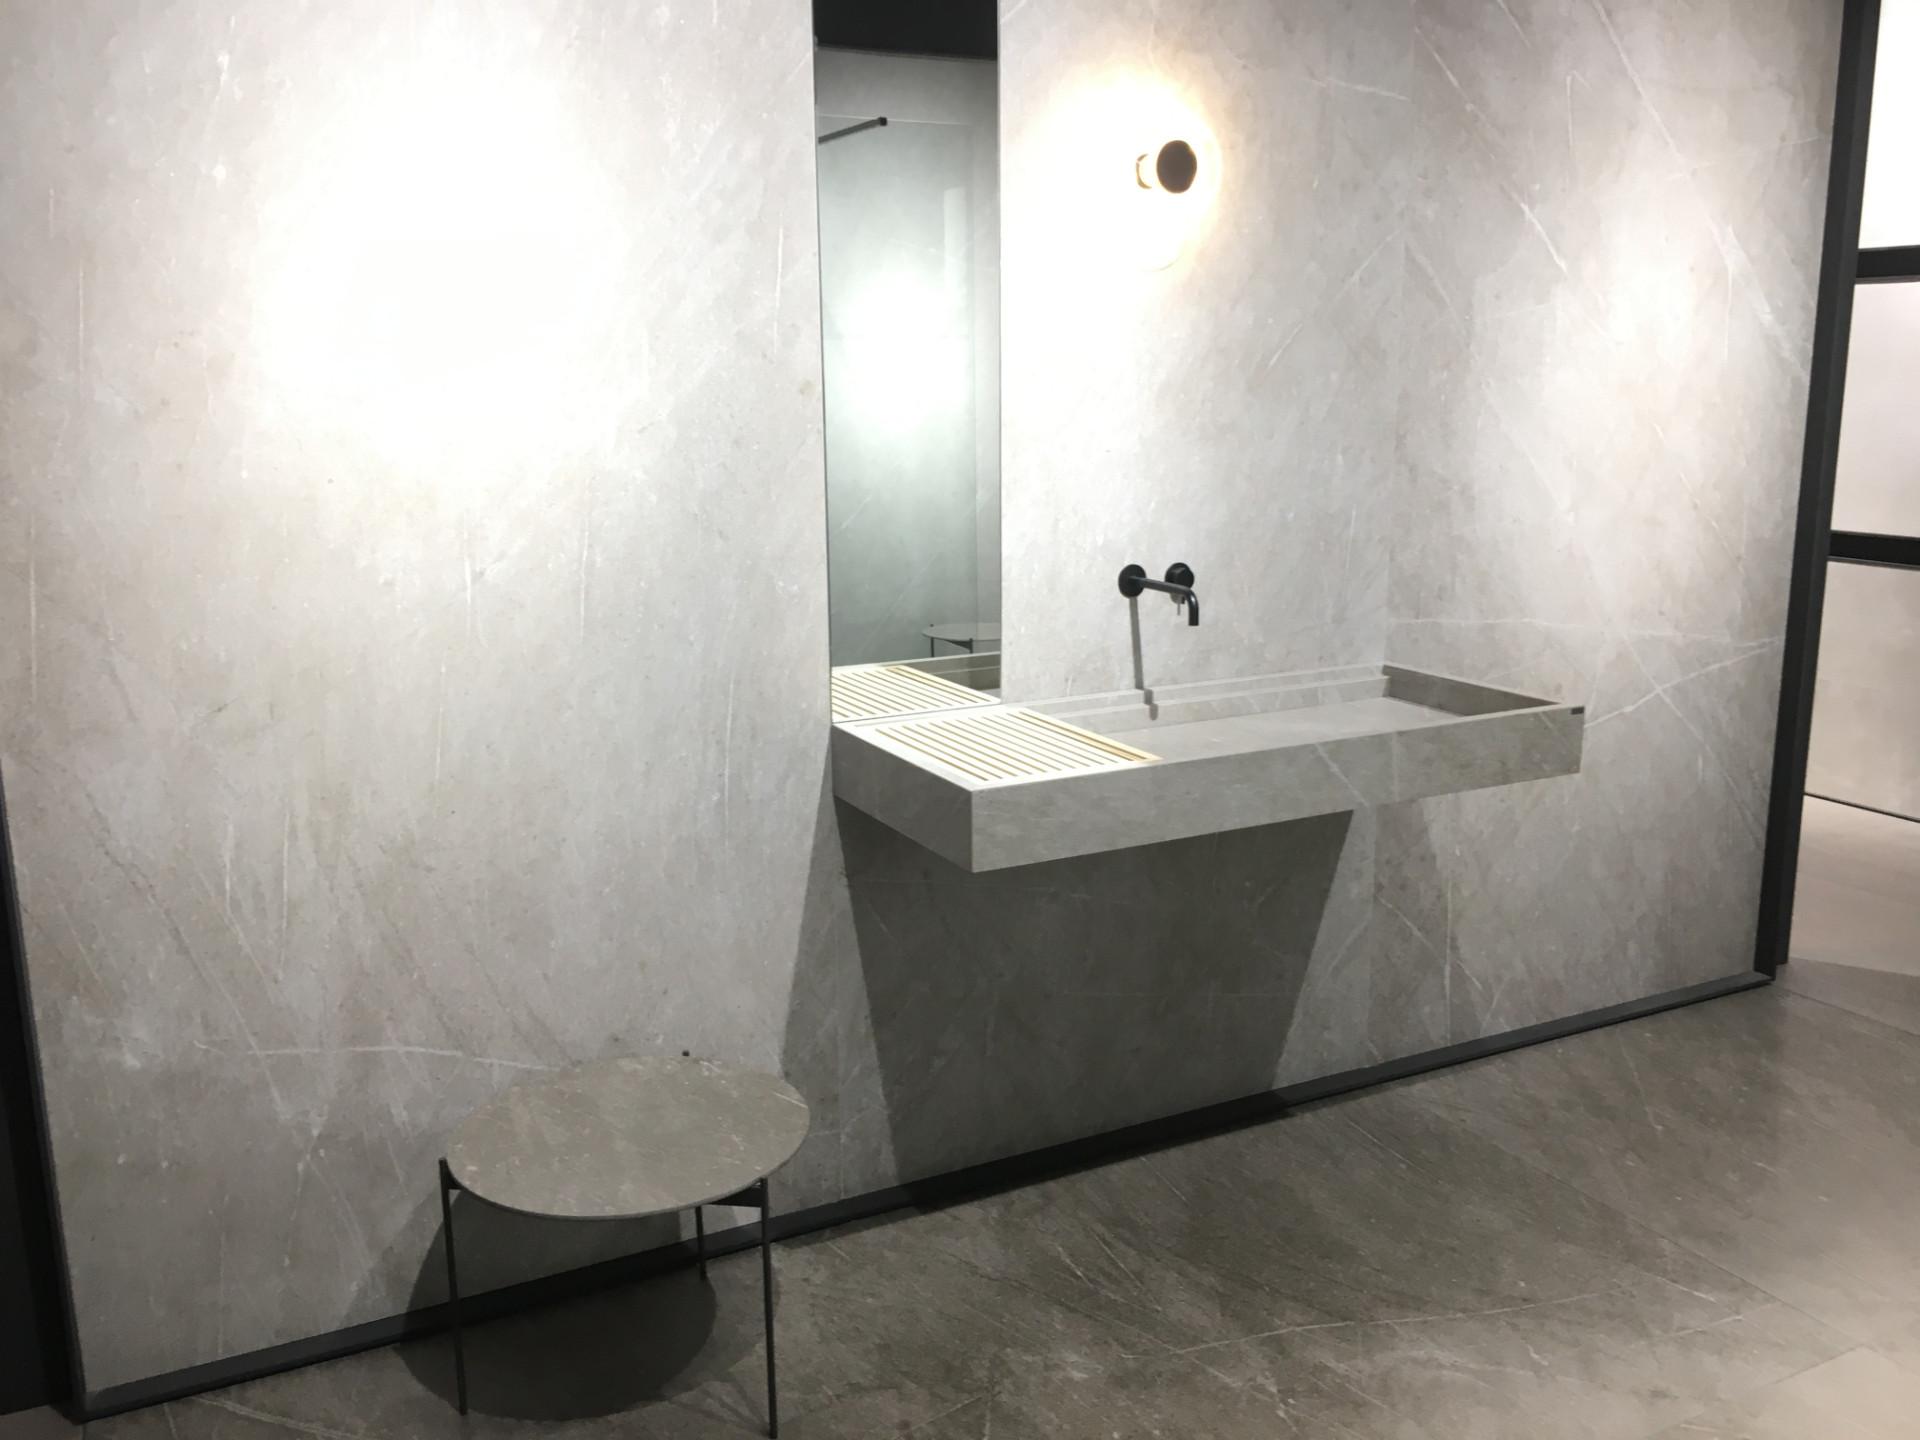 feria-internacional-ceramica-azulejo-bano-cevisama-2020-7